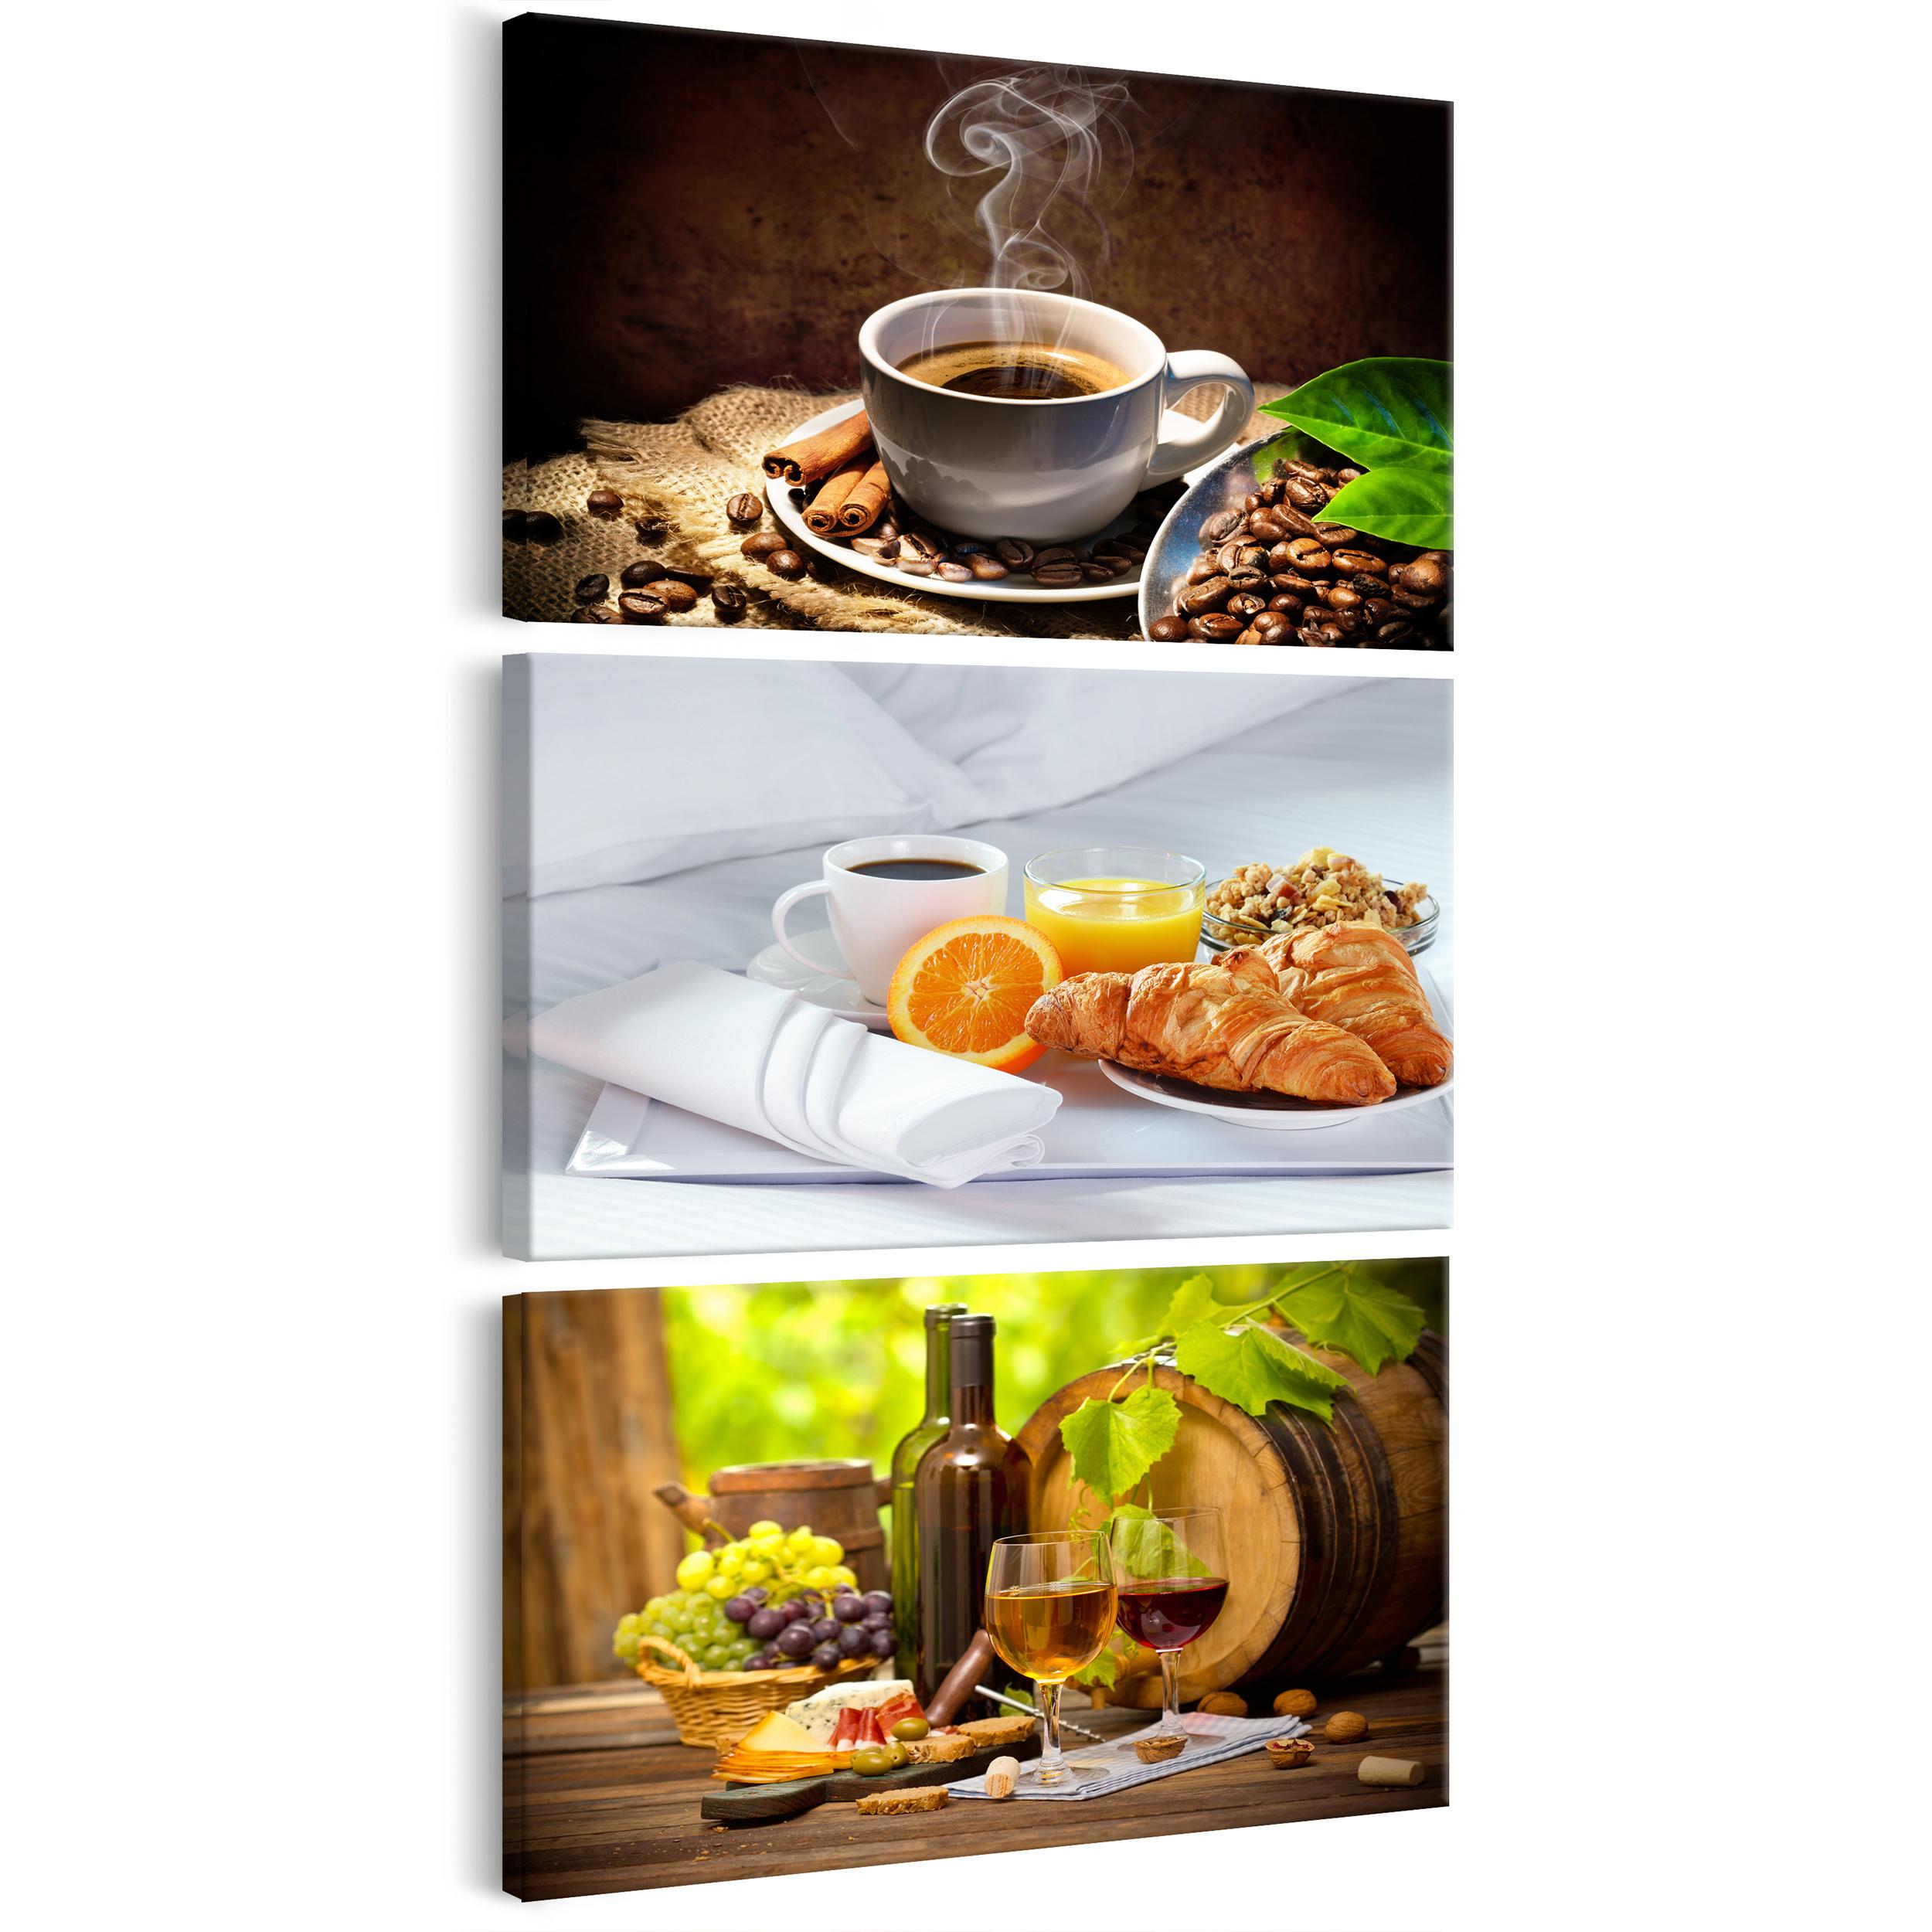 Bilder Küche Leinwand : leinwand bilder k che wandbilder xxl kochen kaffe caffe kunstdruck esszimmer ebay ~ Markanthonyermac.com Haus und Dekorationen